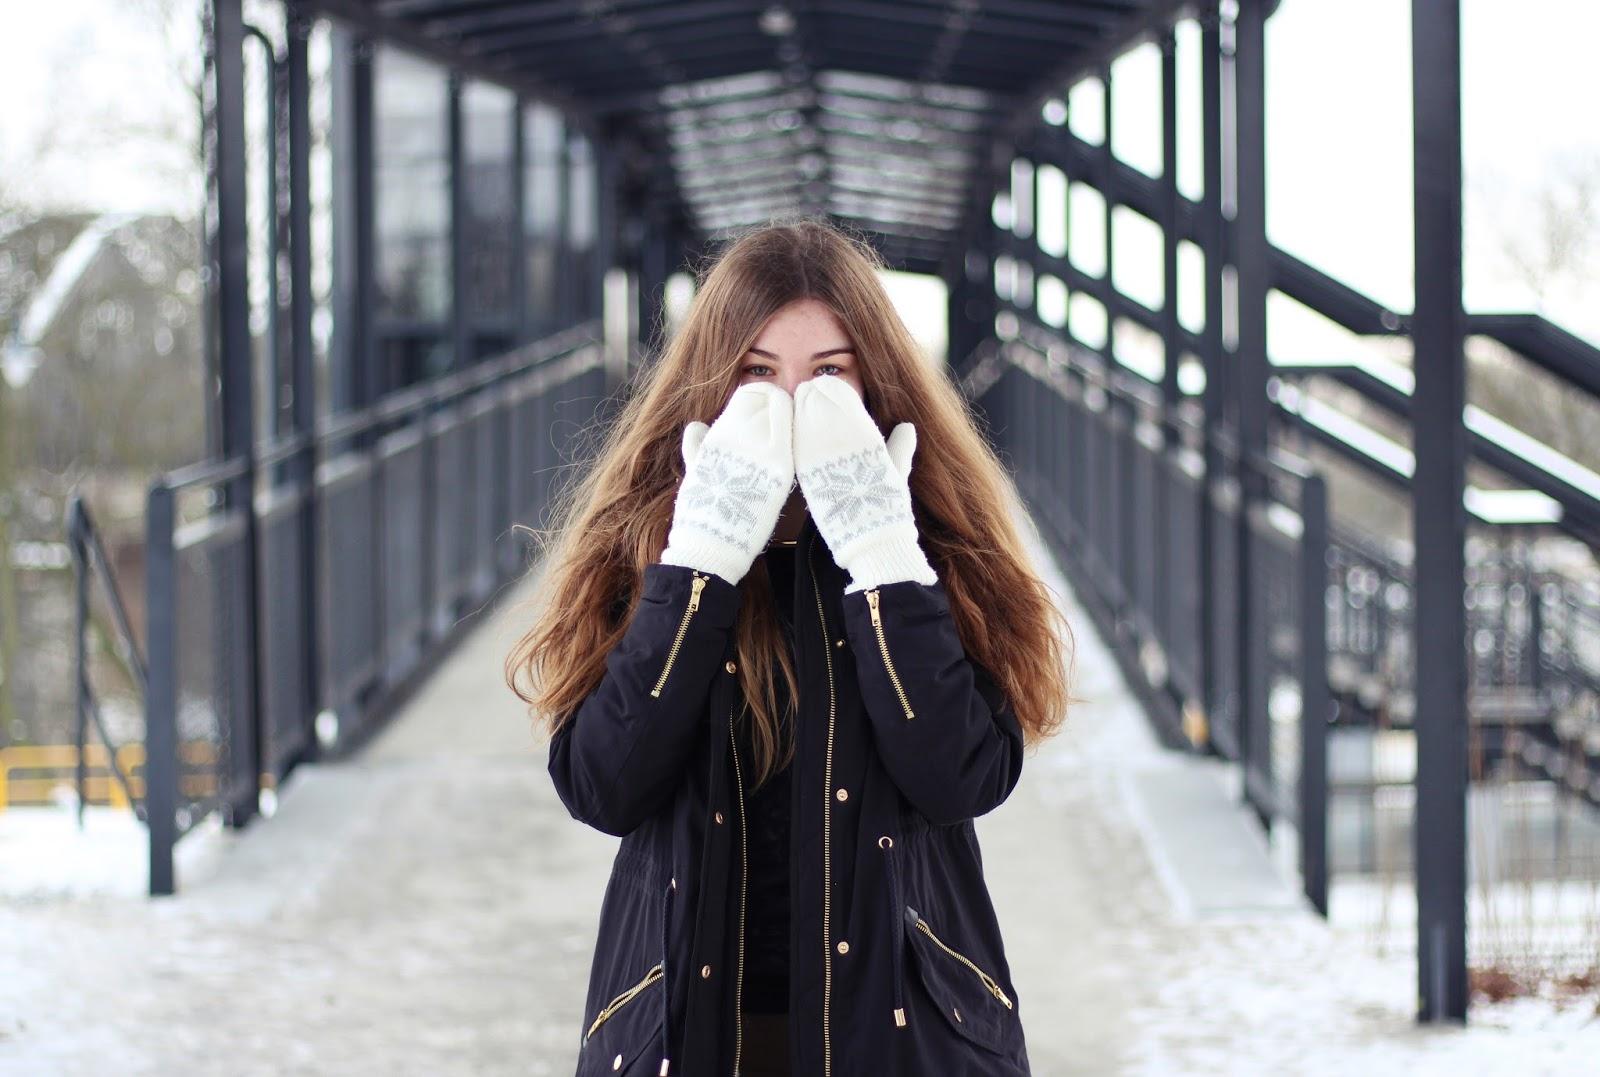 zimowy outfit kurtka rękawiczki jednopalczaste inspiracja